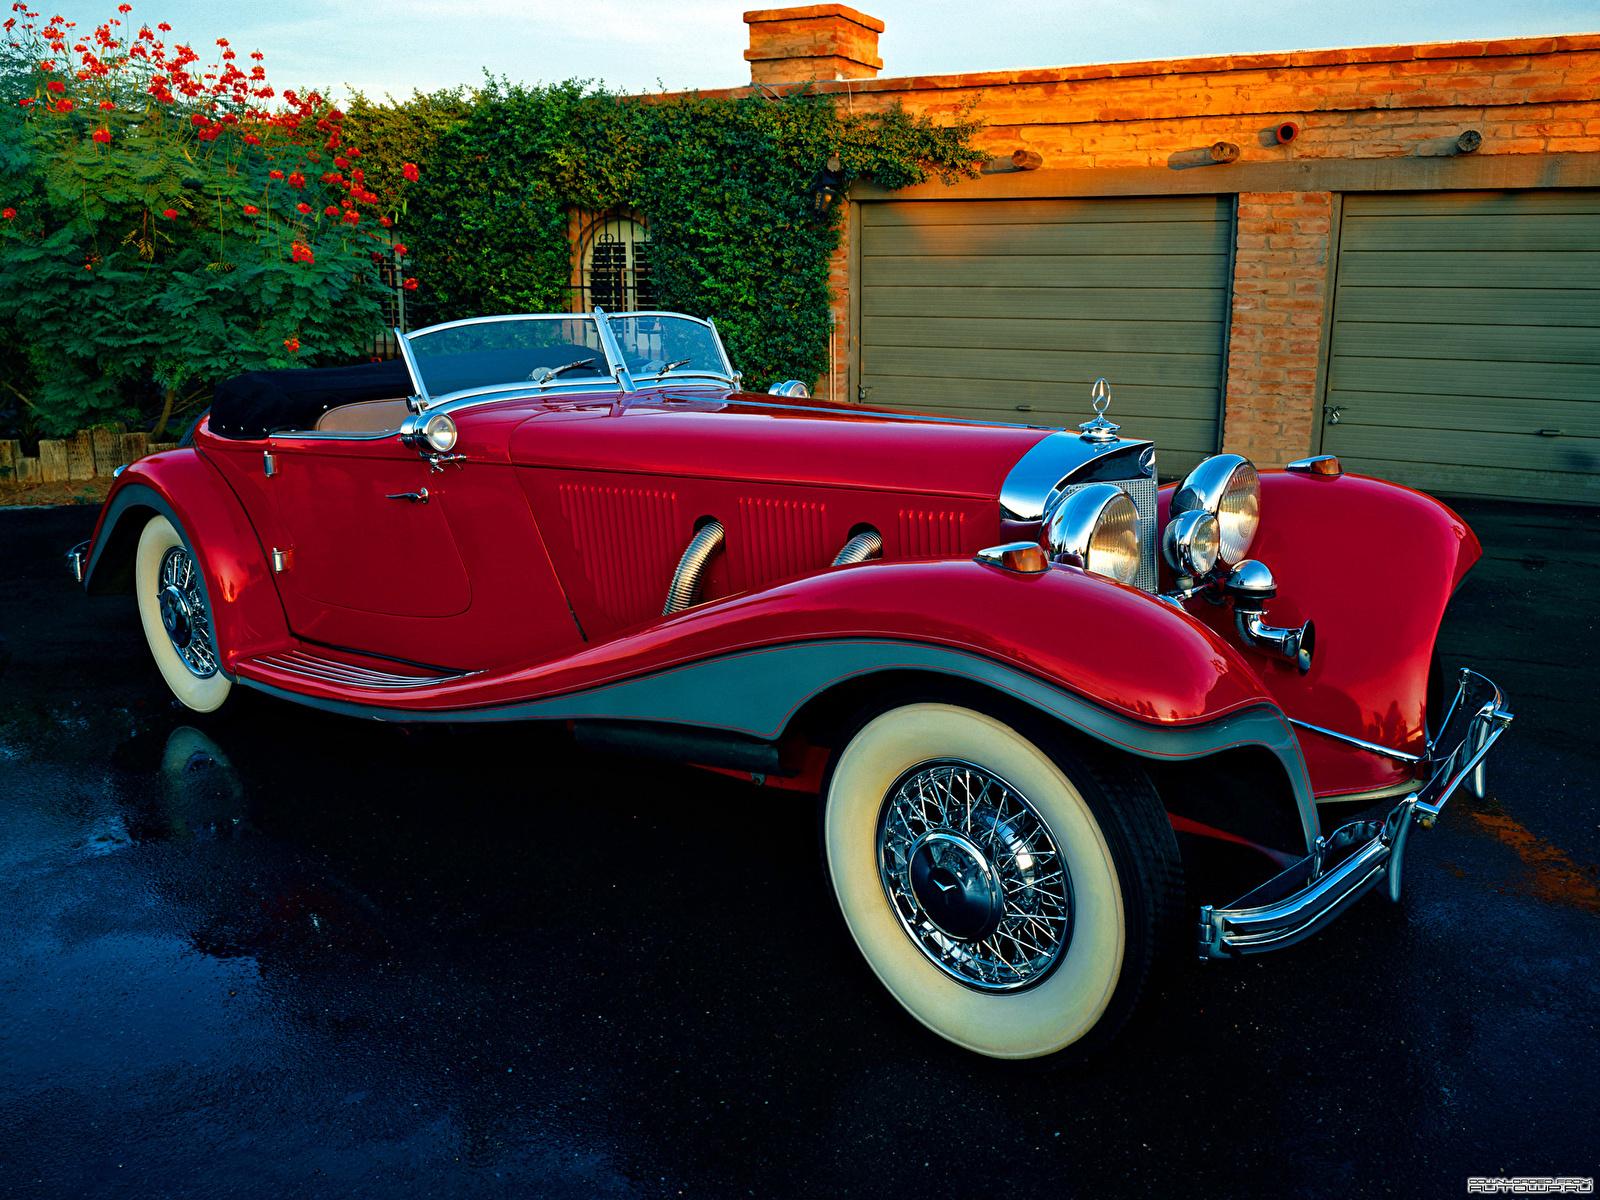 Фото Mercedes-Benz 500K Special Roadster 1936 Родстер авто 1600x1200 Мерседес бенц машина машины автомобиль Автомобили